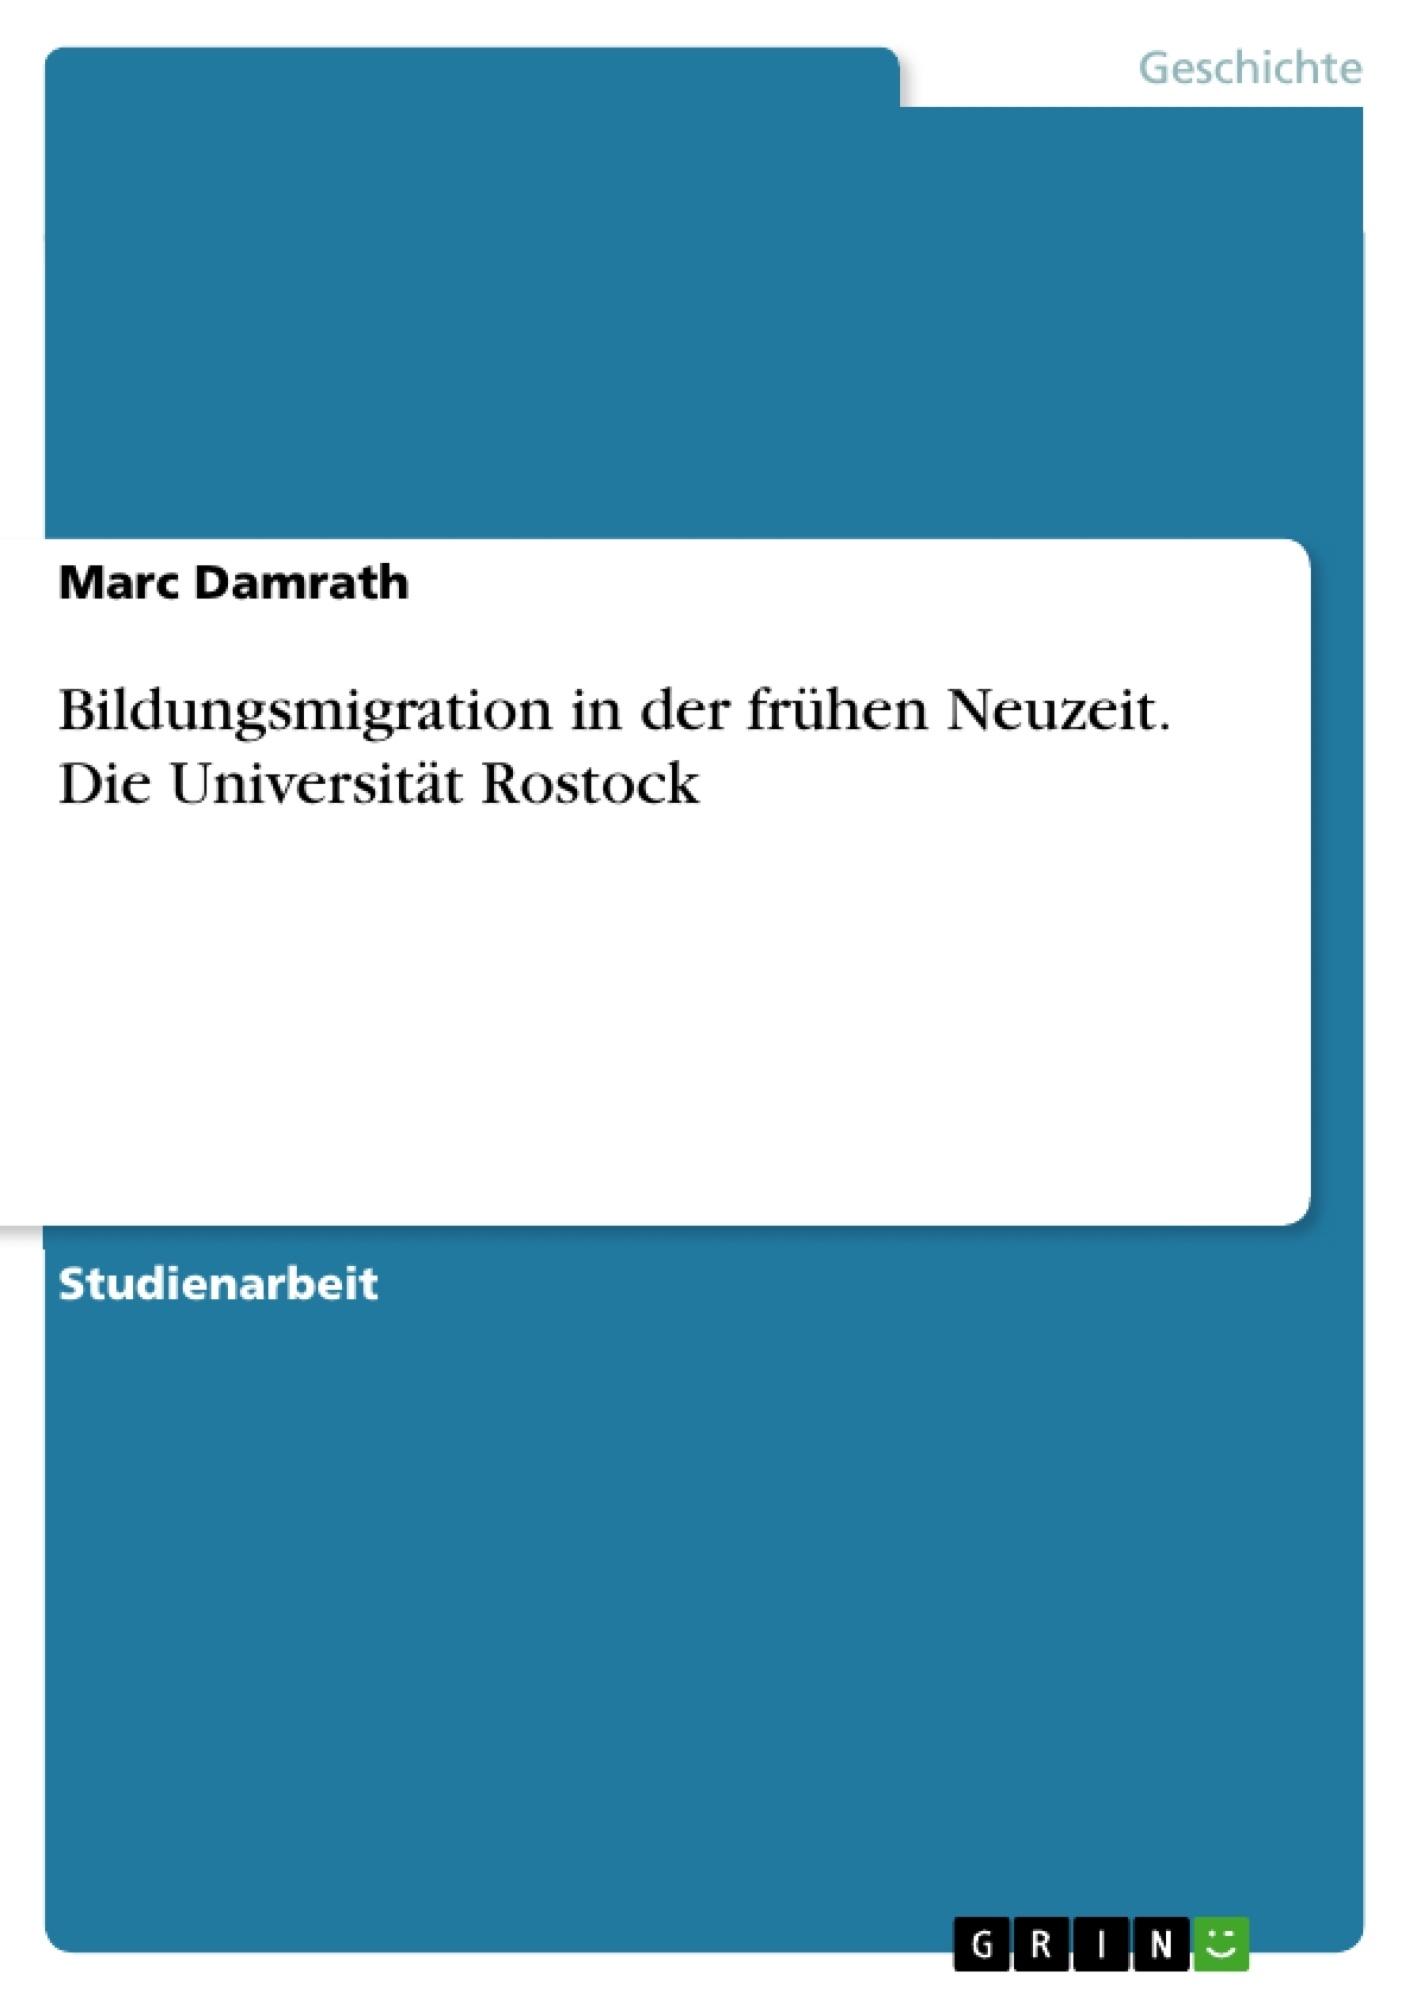 Titel: Bildungsmigration in der frühen Neuzeit. Die Universität Rostock